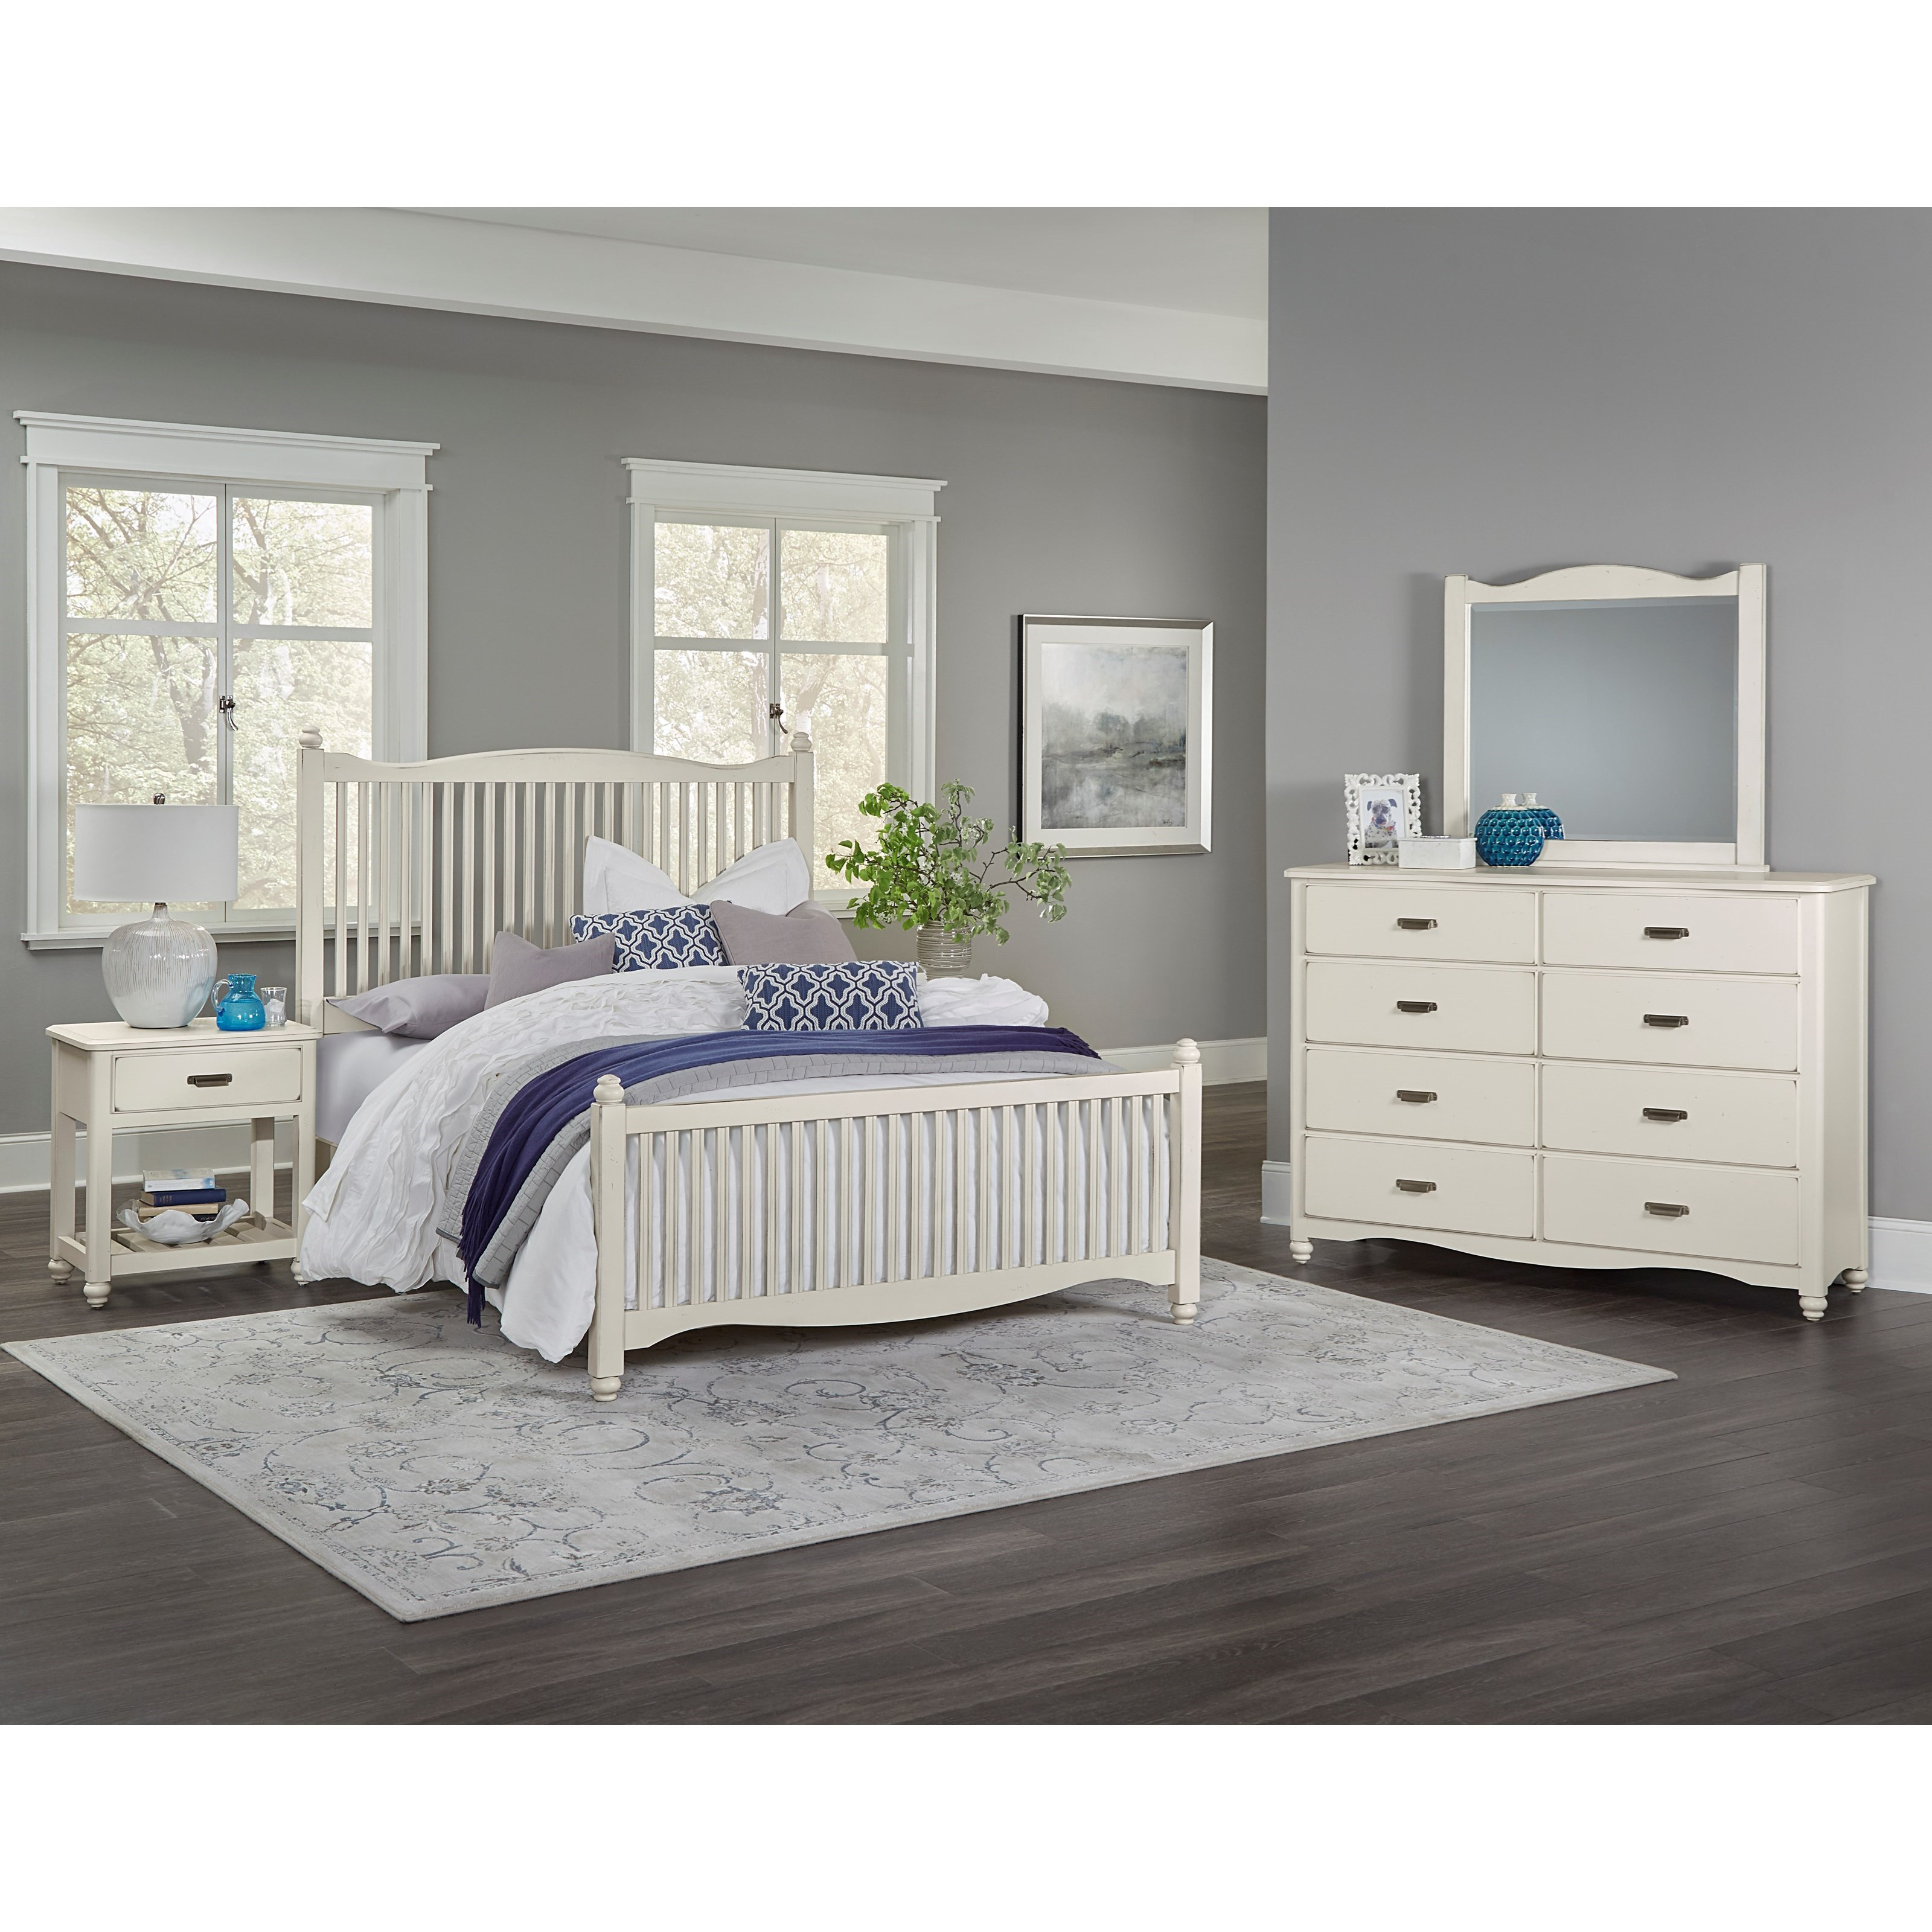 Vaughan Bassett American Maple King Bedroom Group - Item Number: 404 K Bedroom Group 1